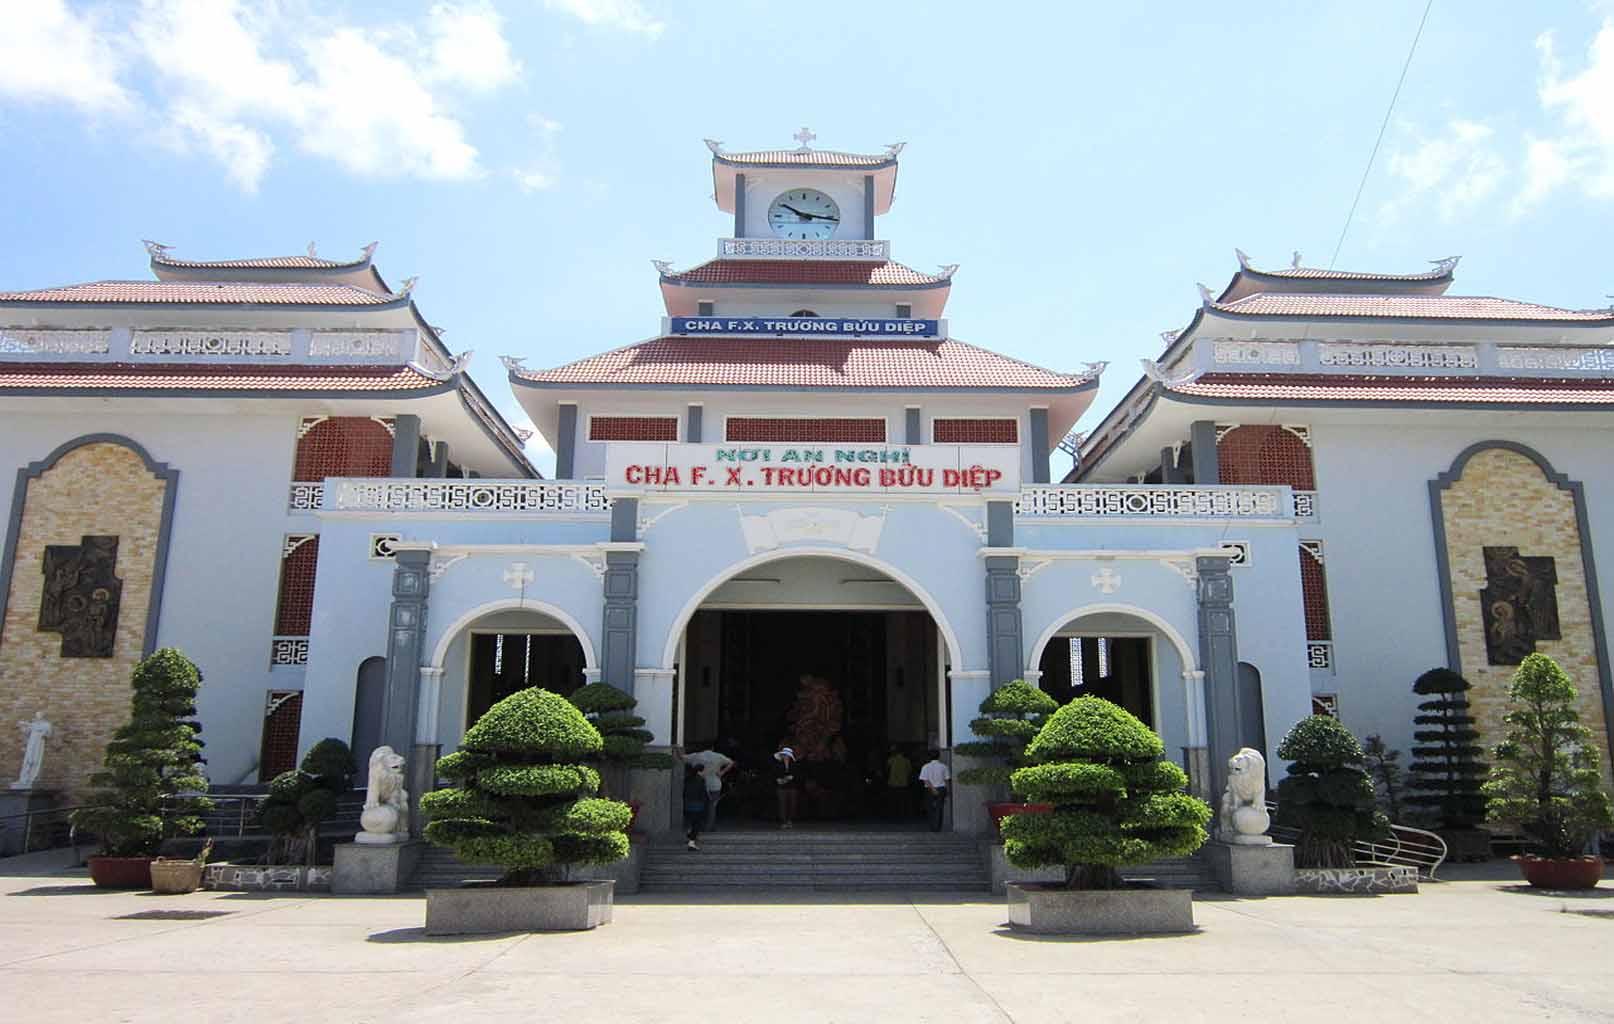 Nơi an nghỉ của Cha Trương Bửu Diệp